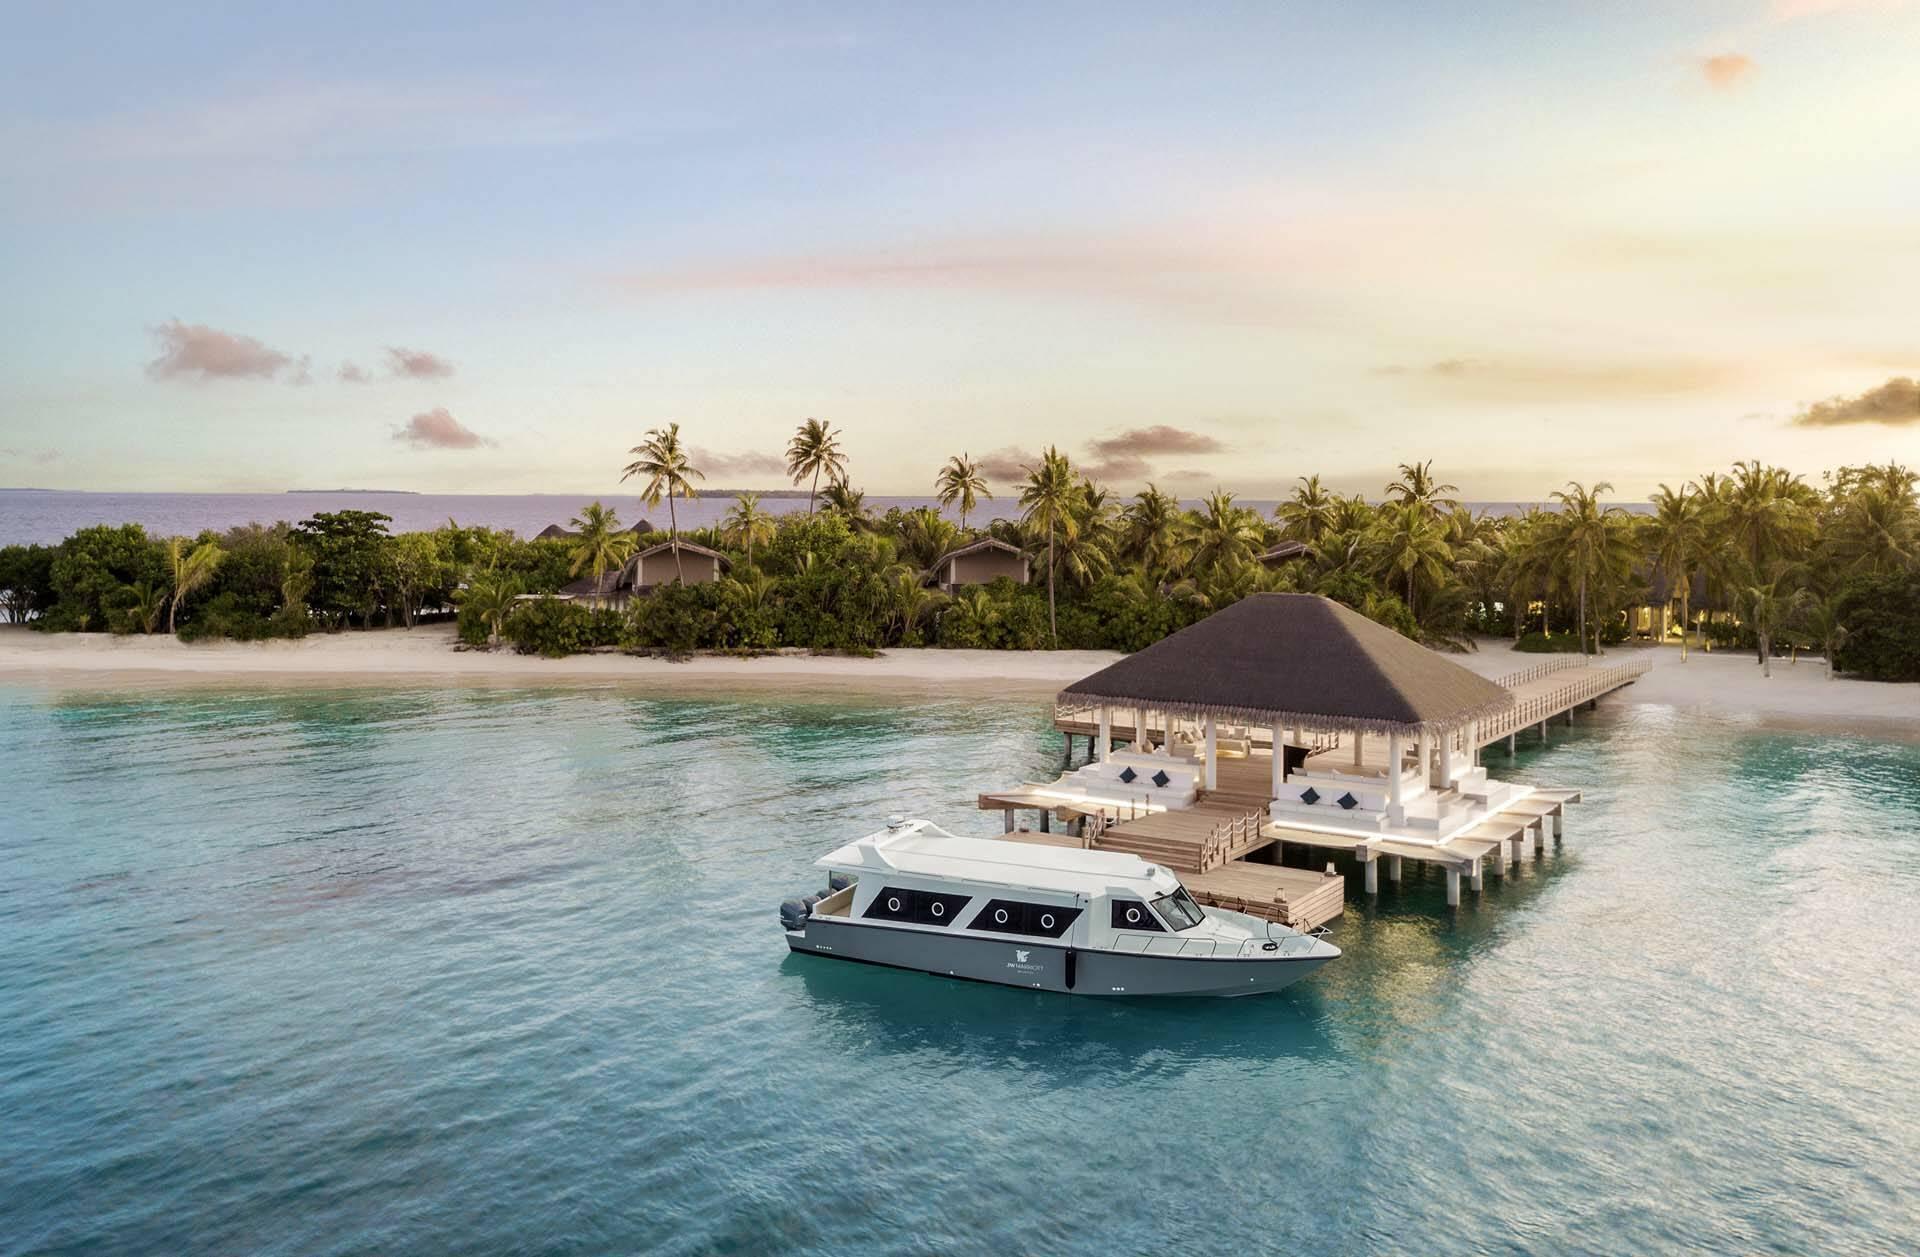 JW Marriott Maldives view